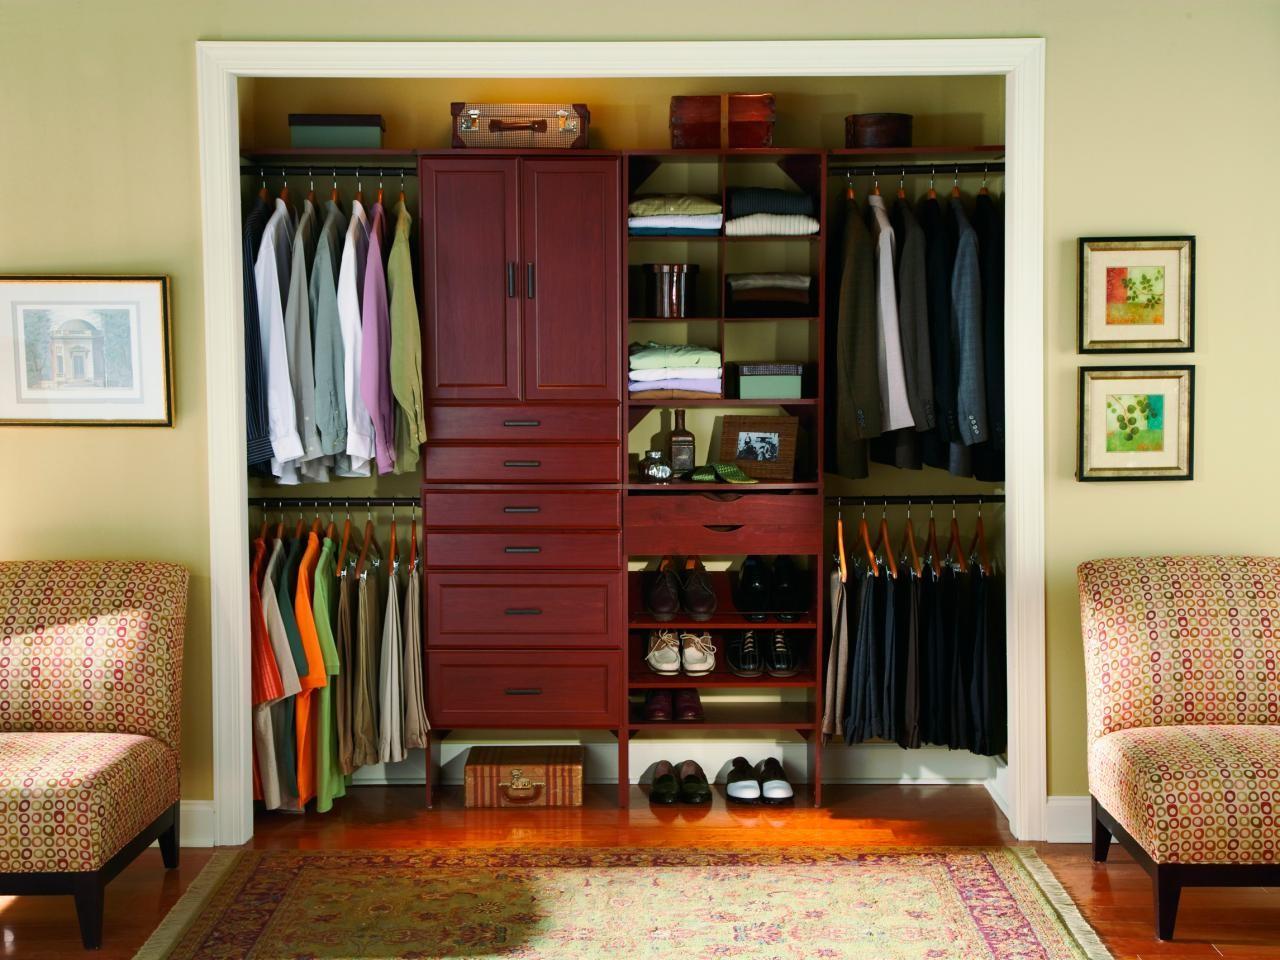 RX-Press-Kits_Closet-Maid-men-dressing_s4x3.jpg.re